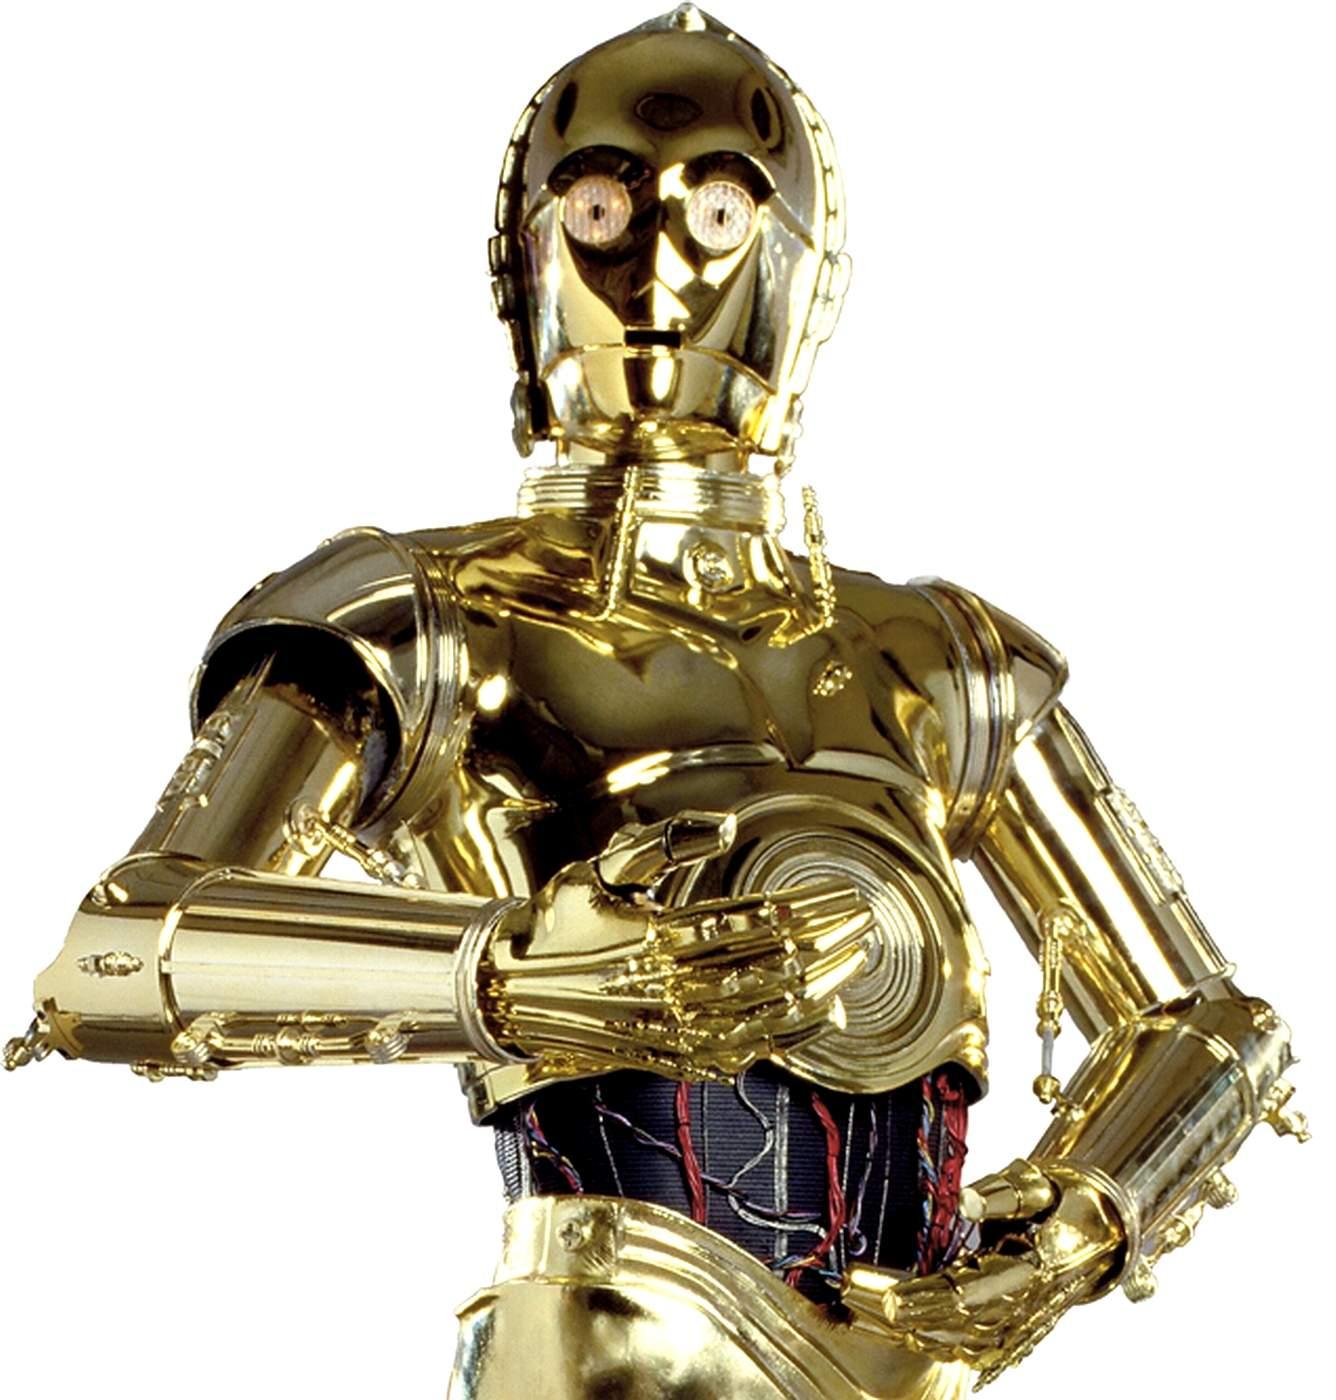 「C3PO」の画像検索結果